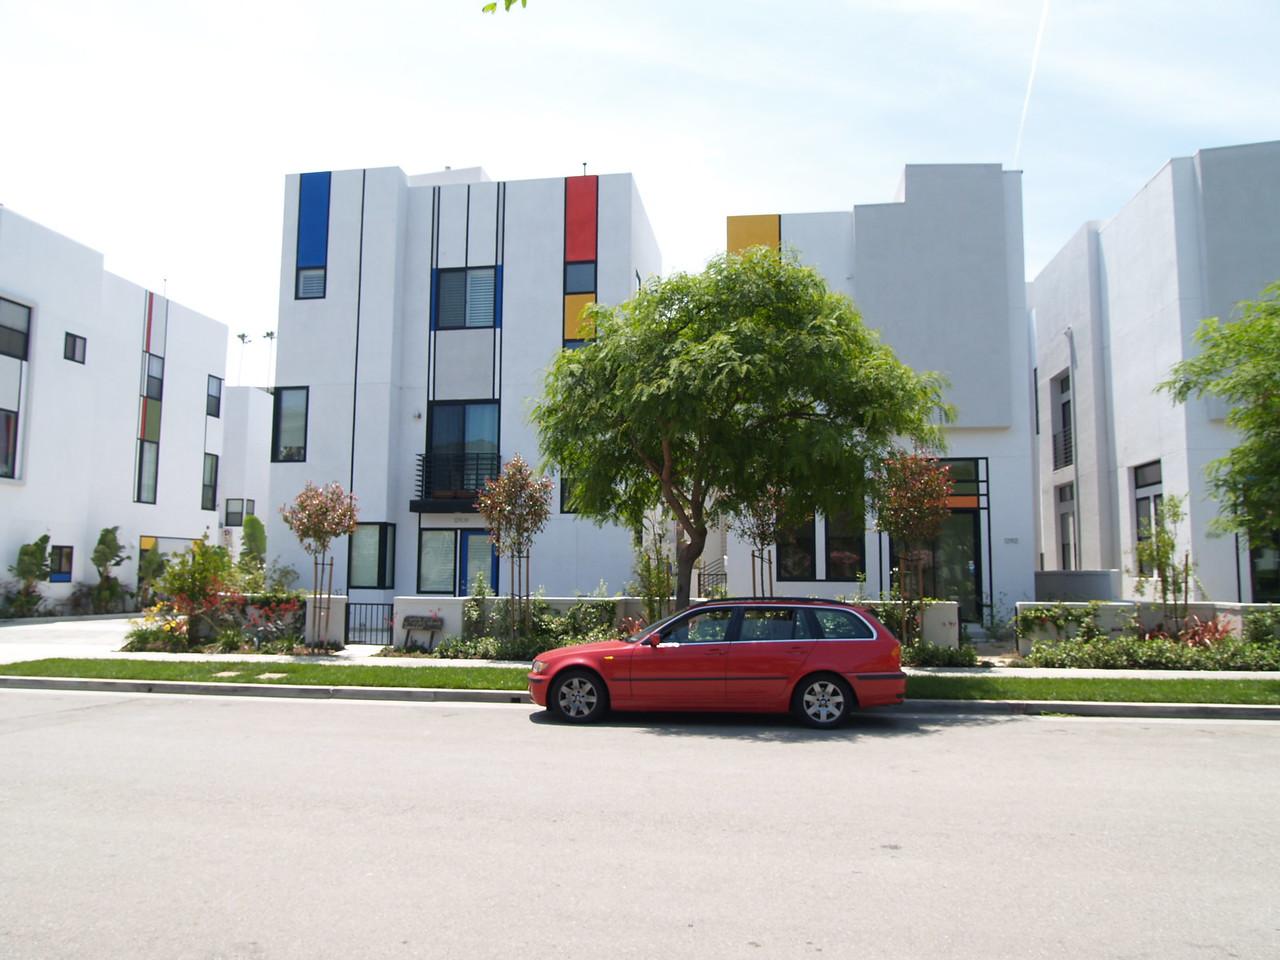 Playa Vista - 2009-06-15 (12)